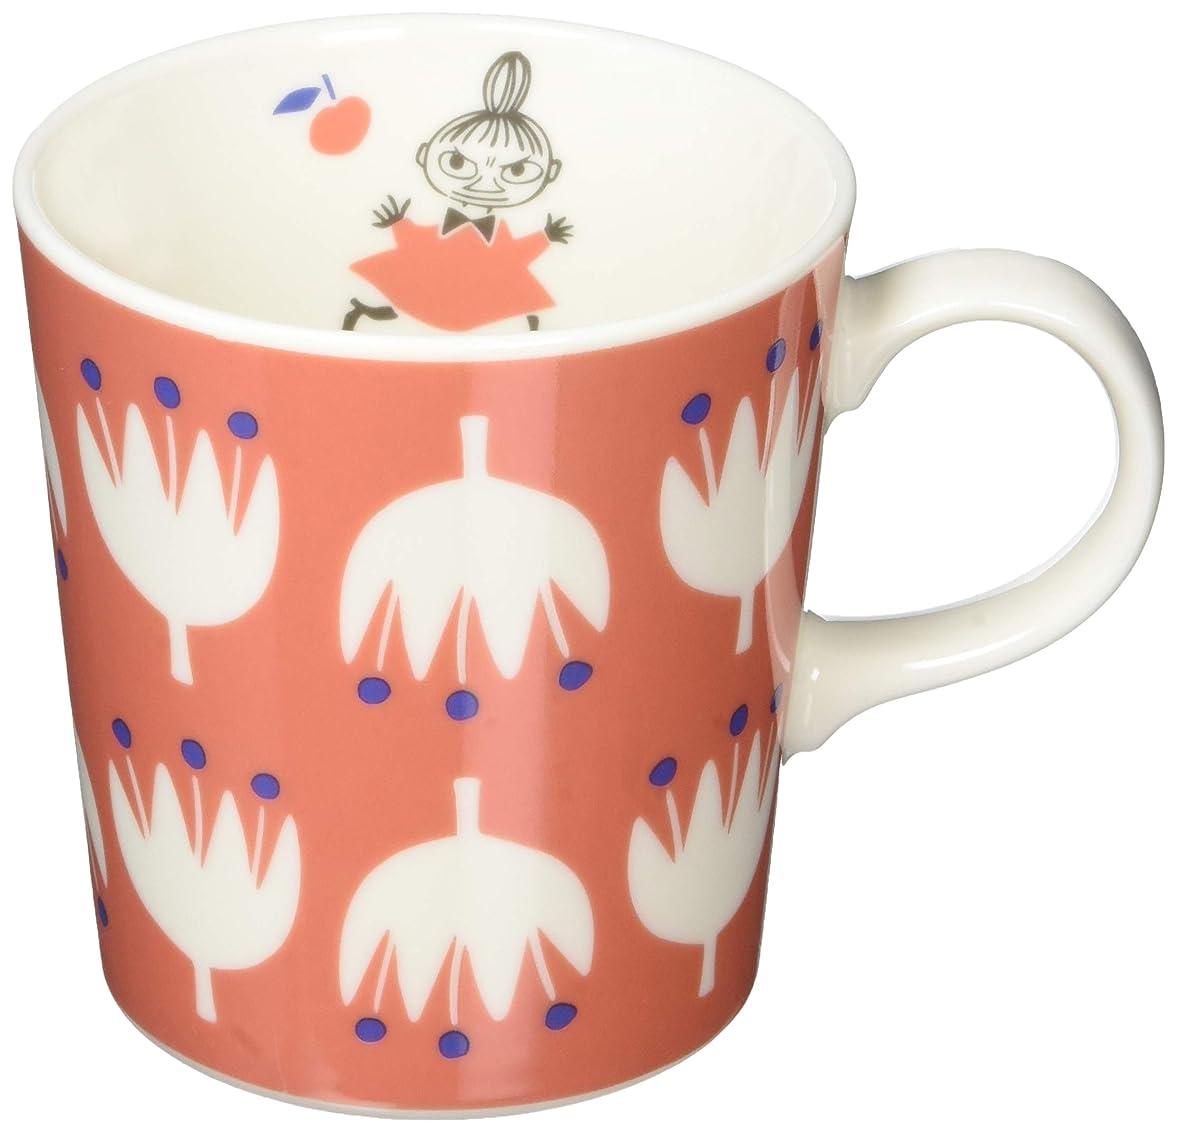 見捨てられた将来の究極のMOOMIN (ムーミン) 「 クッカ 」 マグカップ レッド (化粧箱入) MM1002-11